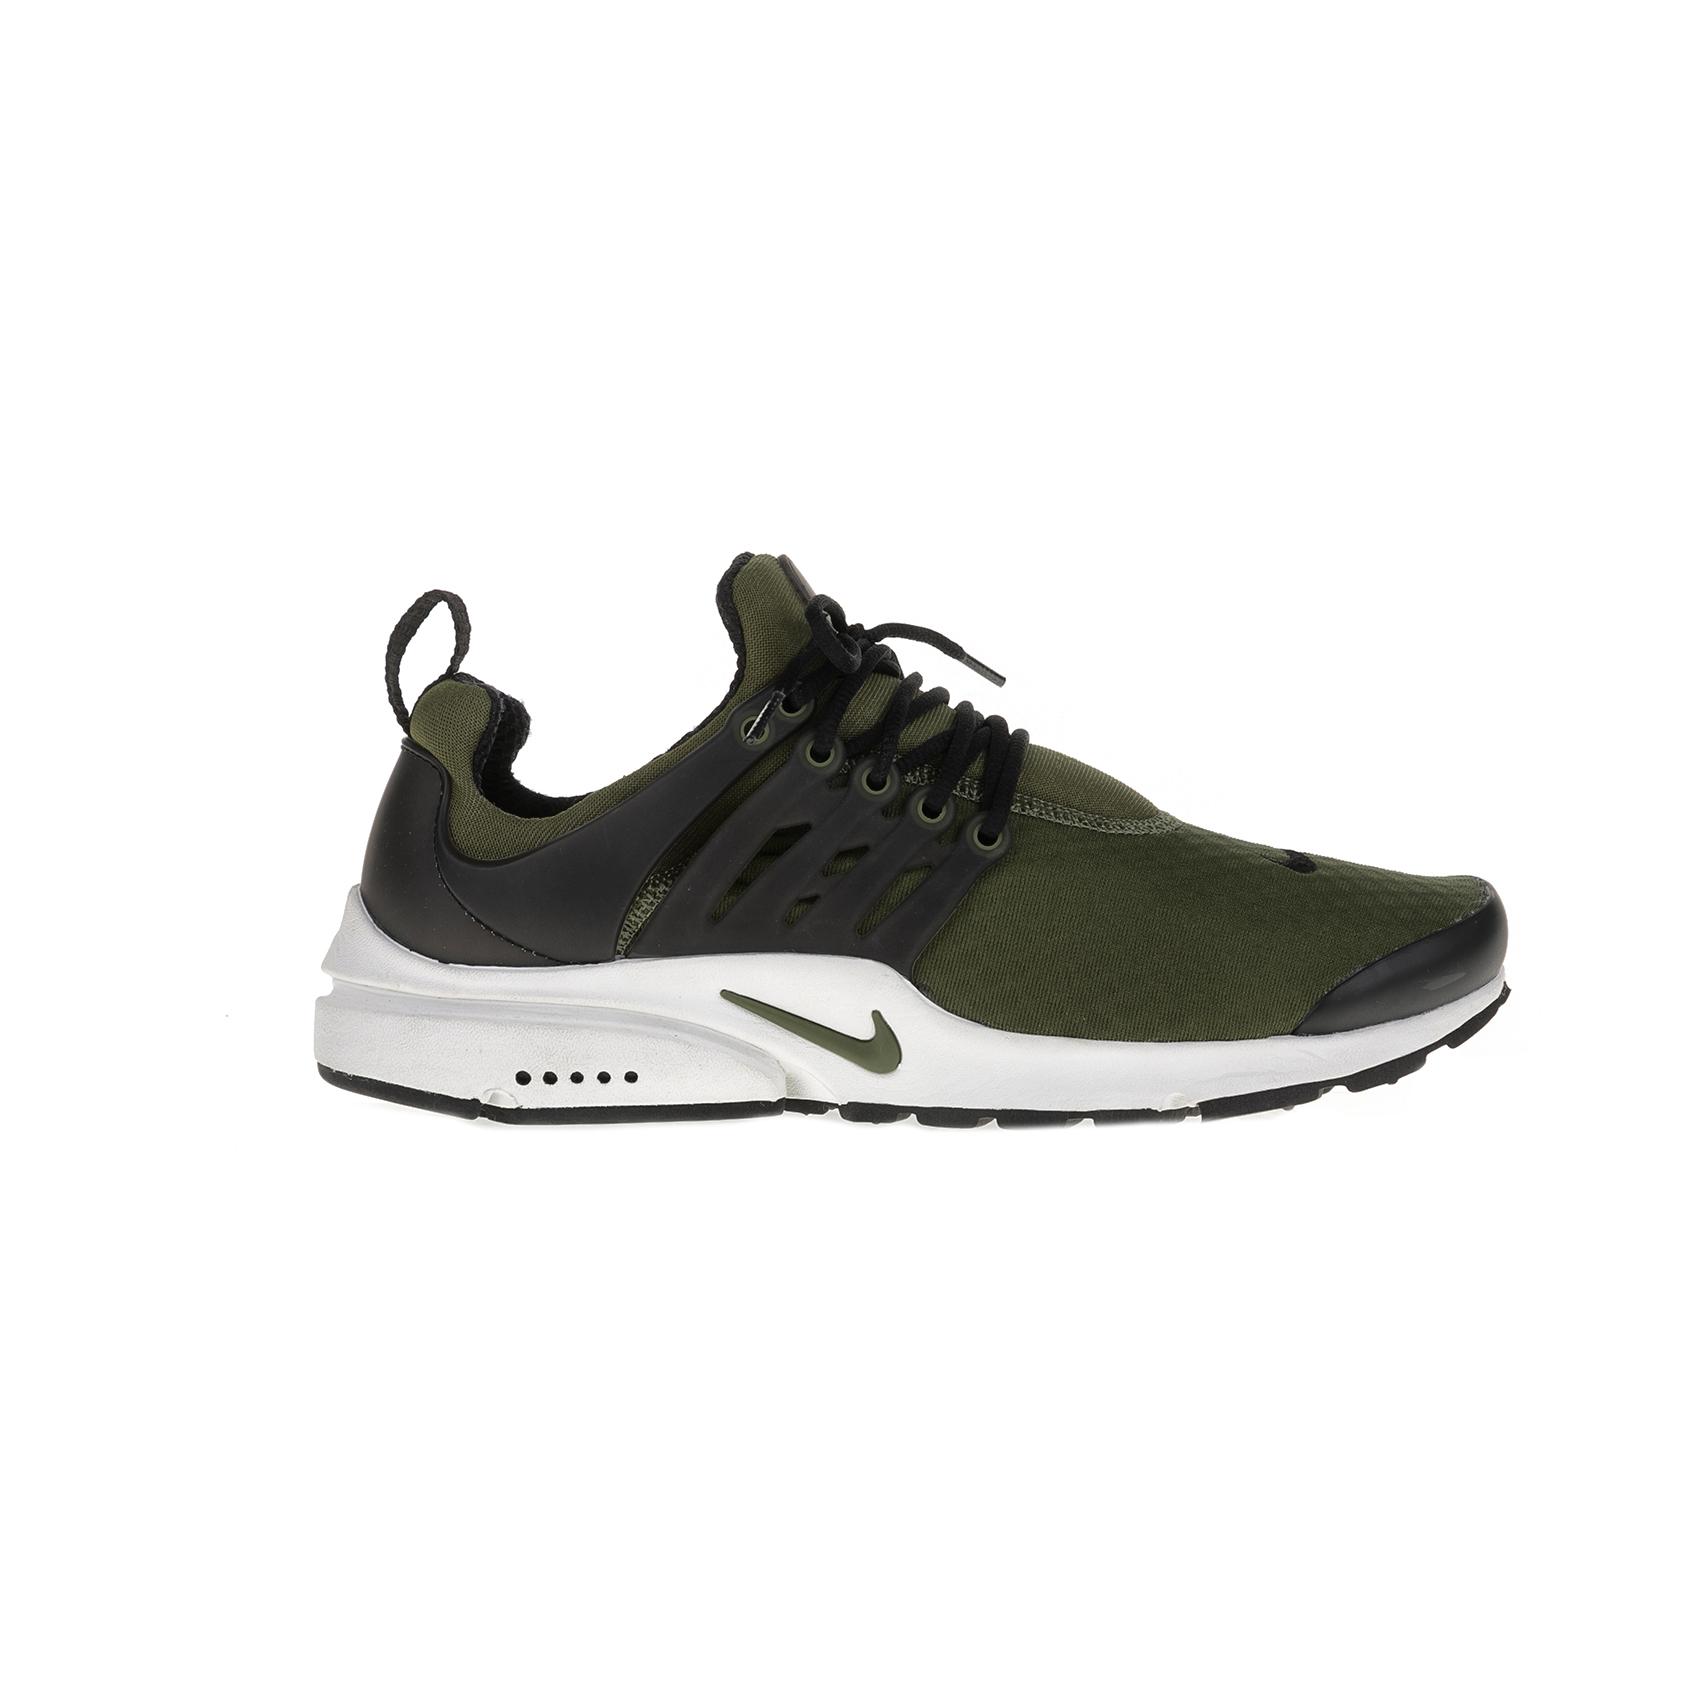 NIKE - Ανδρικά αθλητικά παπούτσια Nike AIR PRESTO ESSENTIAL χακί 4f3cbd4033f